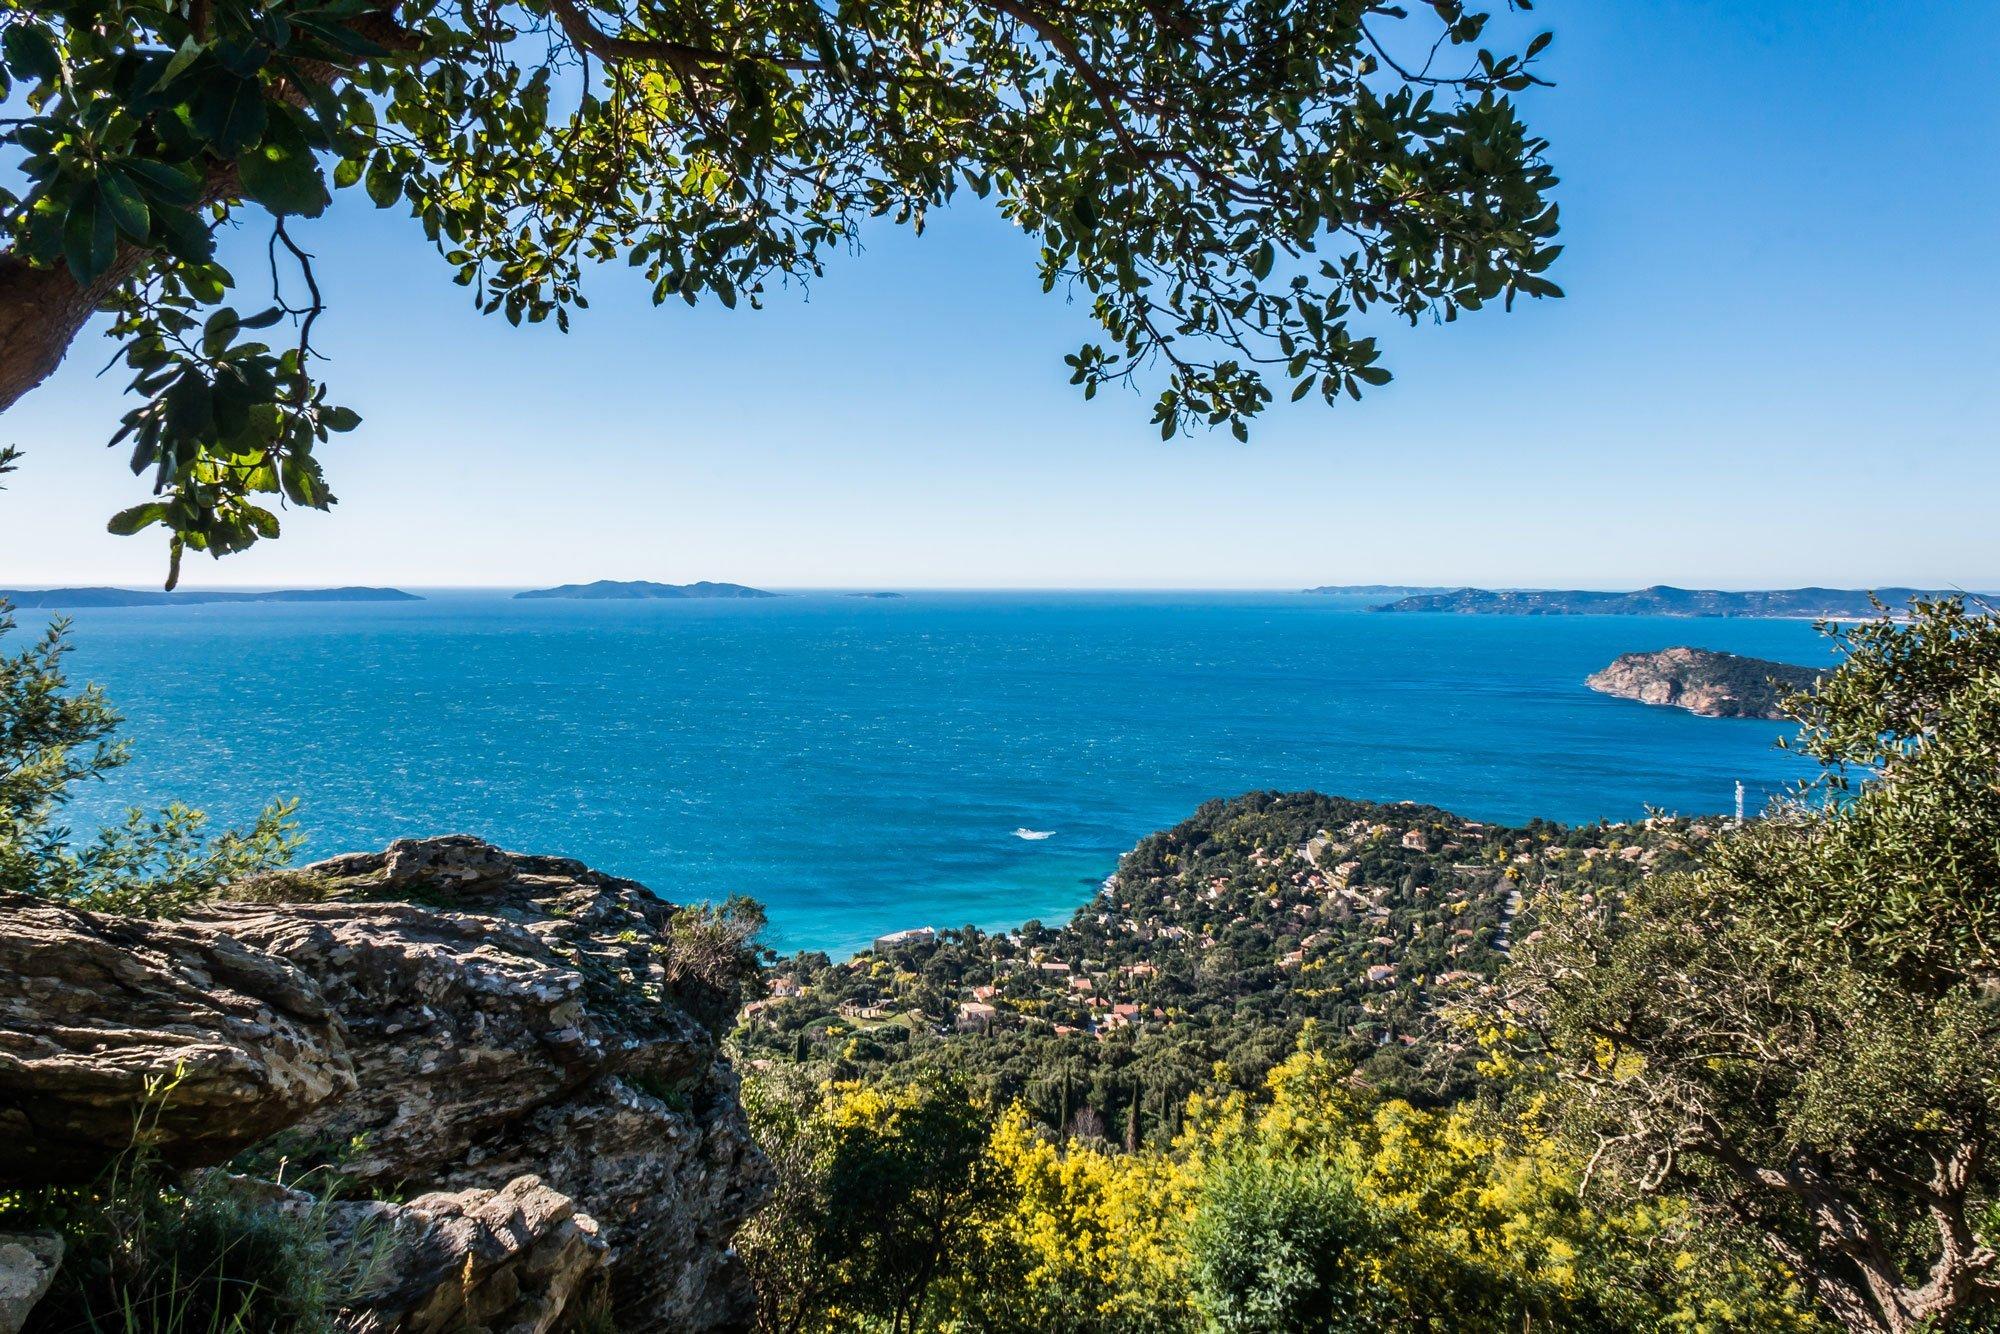 Le domaine du rayol les incontournables camping cap - Domaine du rayol le jardin des mediterranees ...